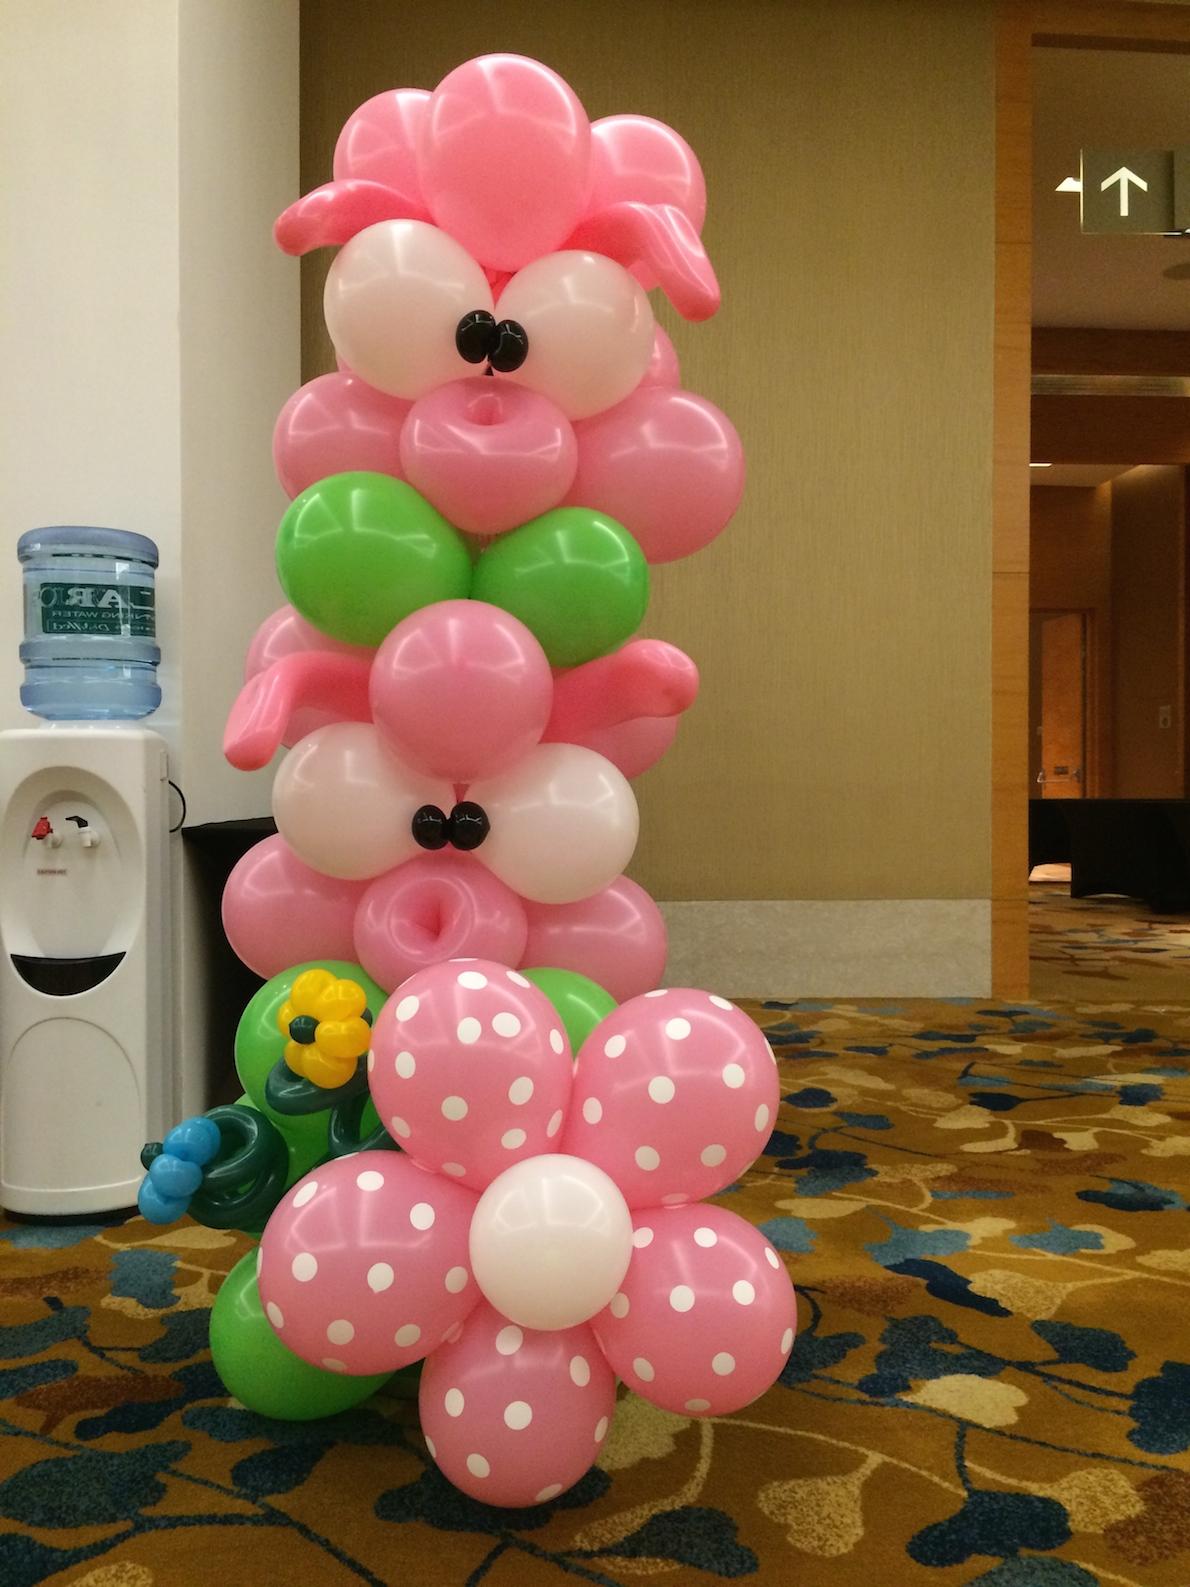 Brand-new balloon columns | THAT Balloons - Part 2 VH59